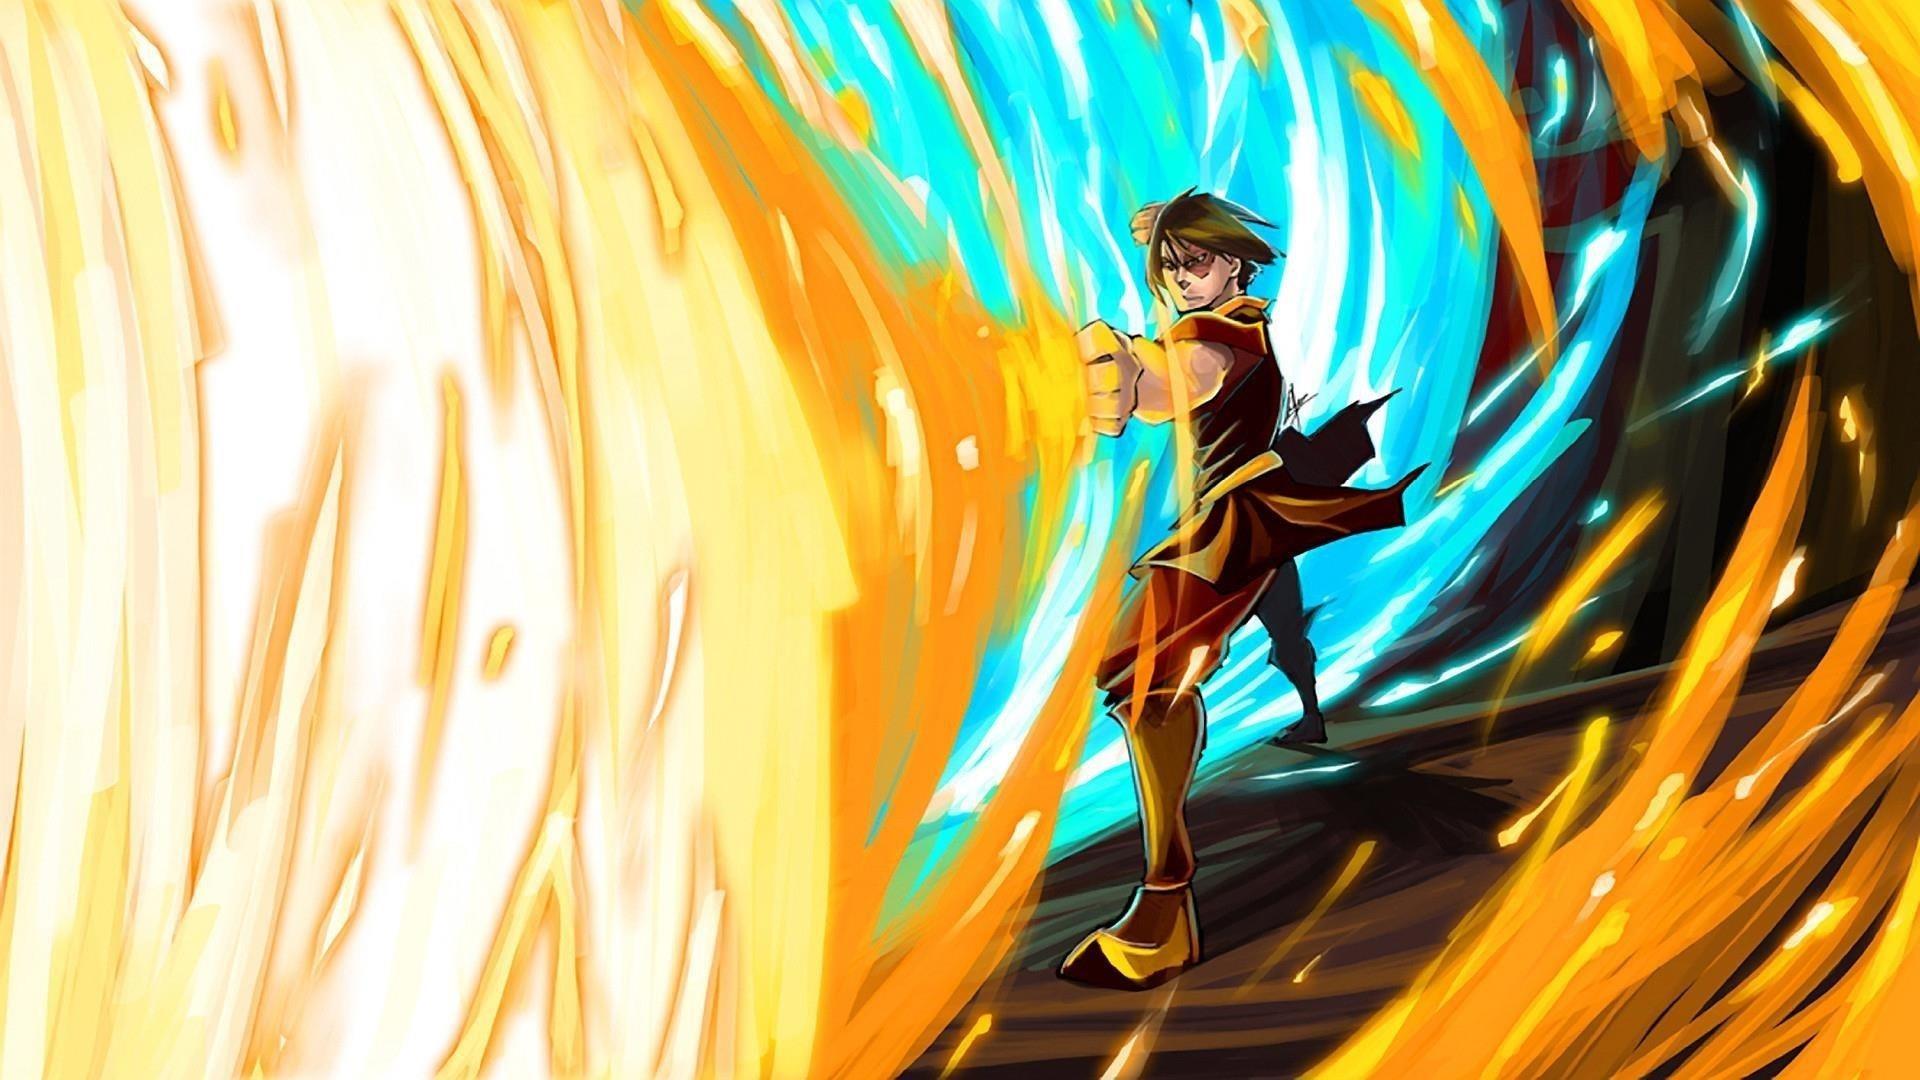 Аватар последний маг воздуха Зуко в огненном аниме обои скачать